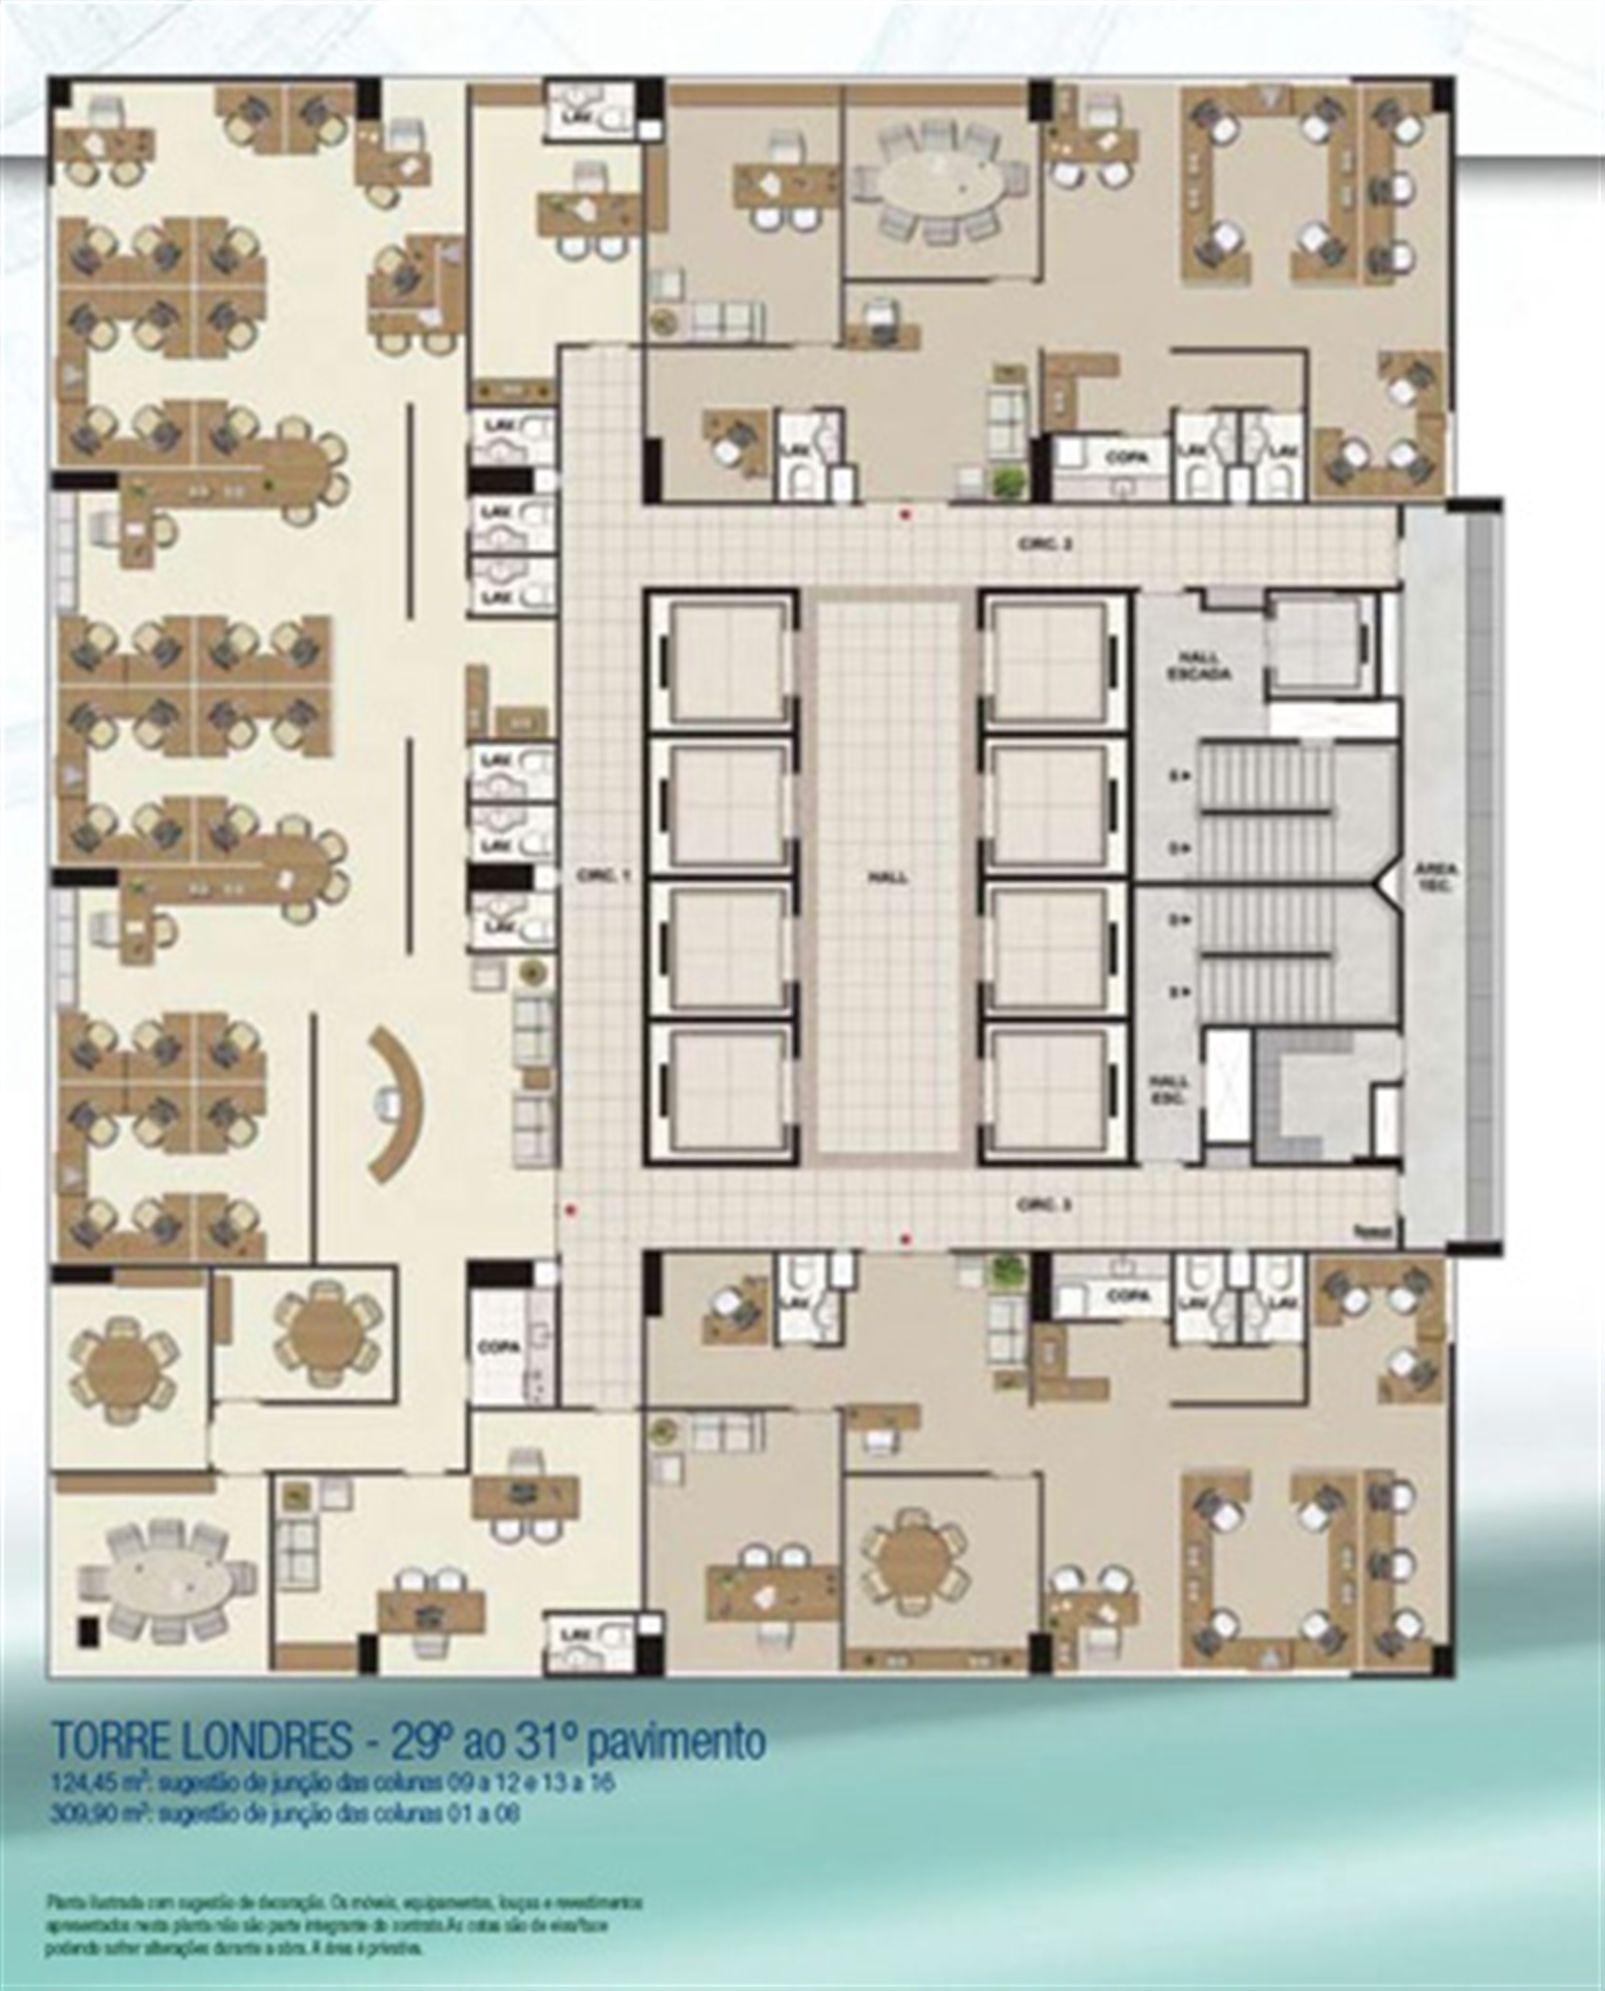 Espaço coorporativo 309,90 m² e 124,45 m² | CEO Salvador Shopping – Salas Comerciaisno  Ao lado do Salvador Shopping - Salvador - Bahia